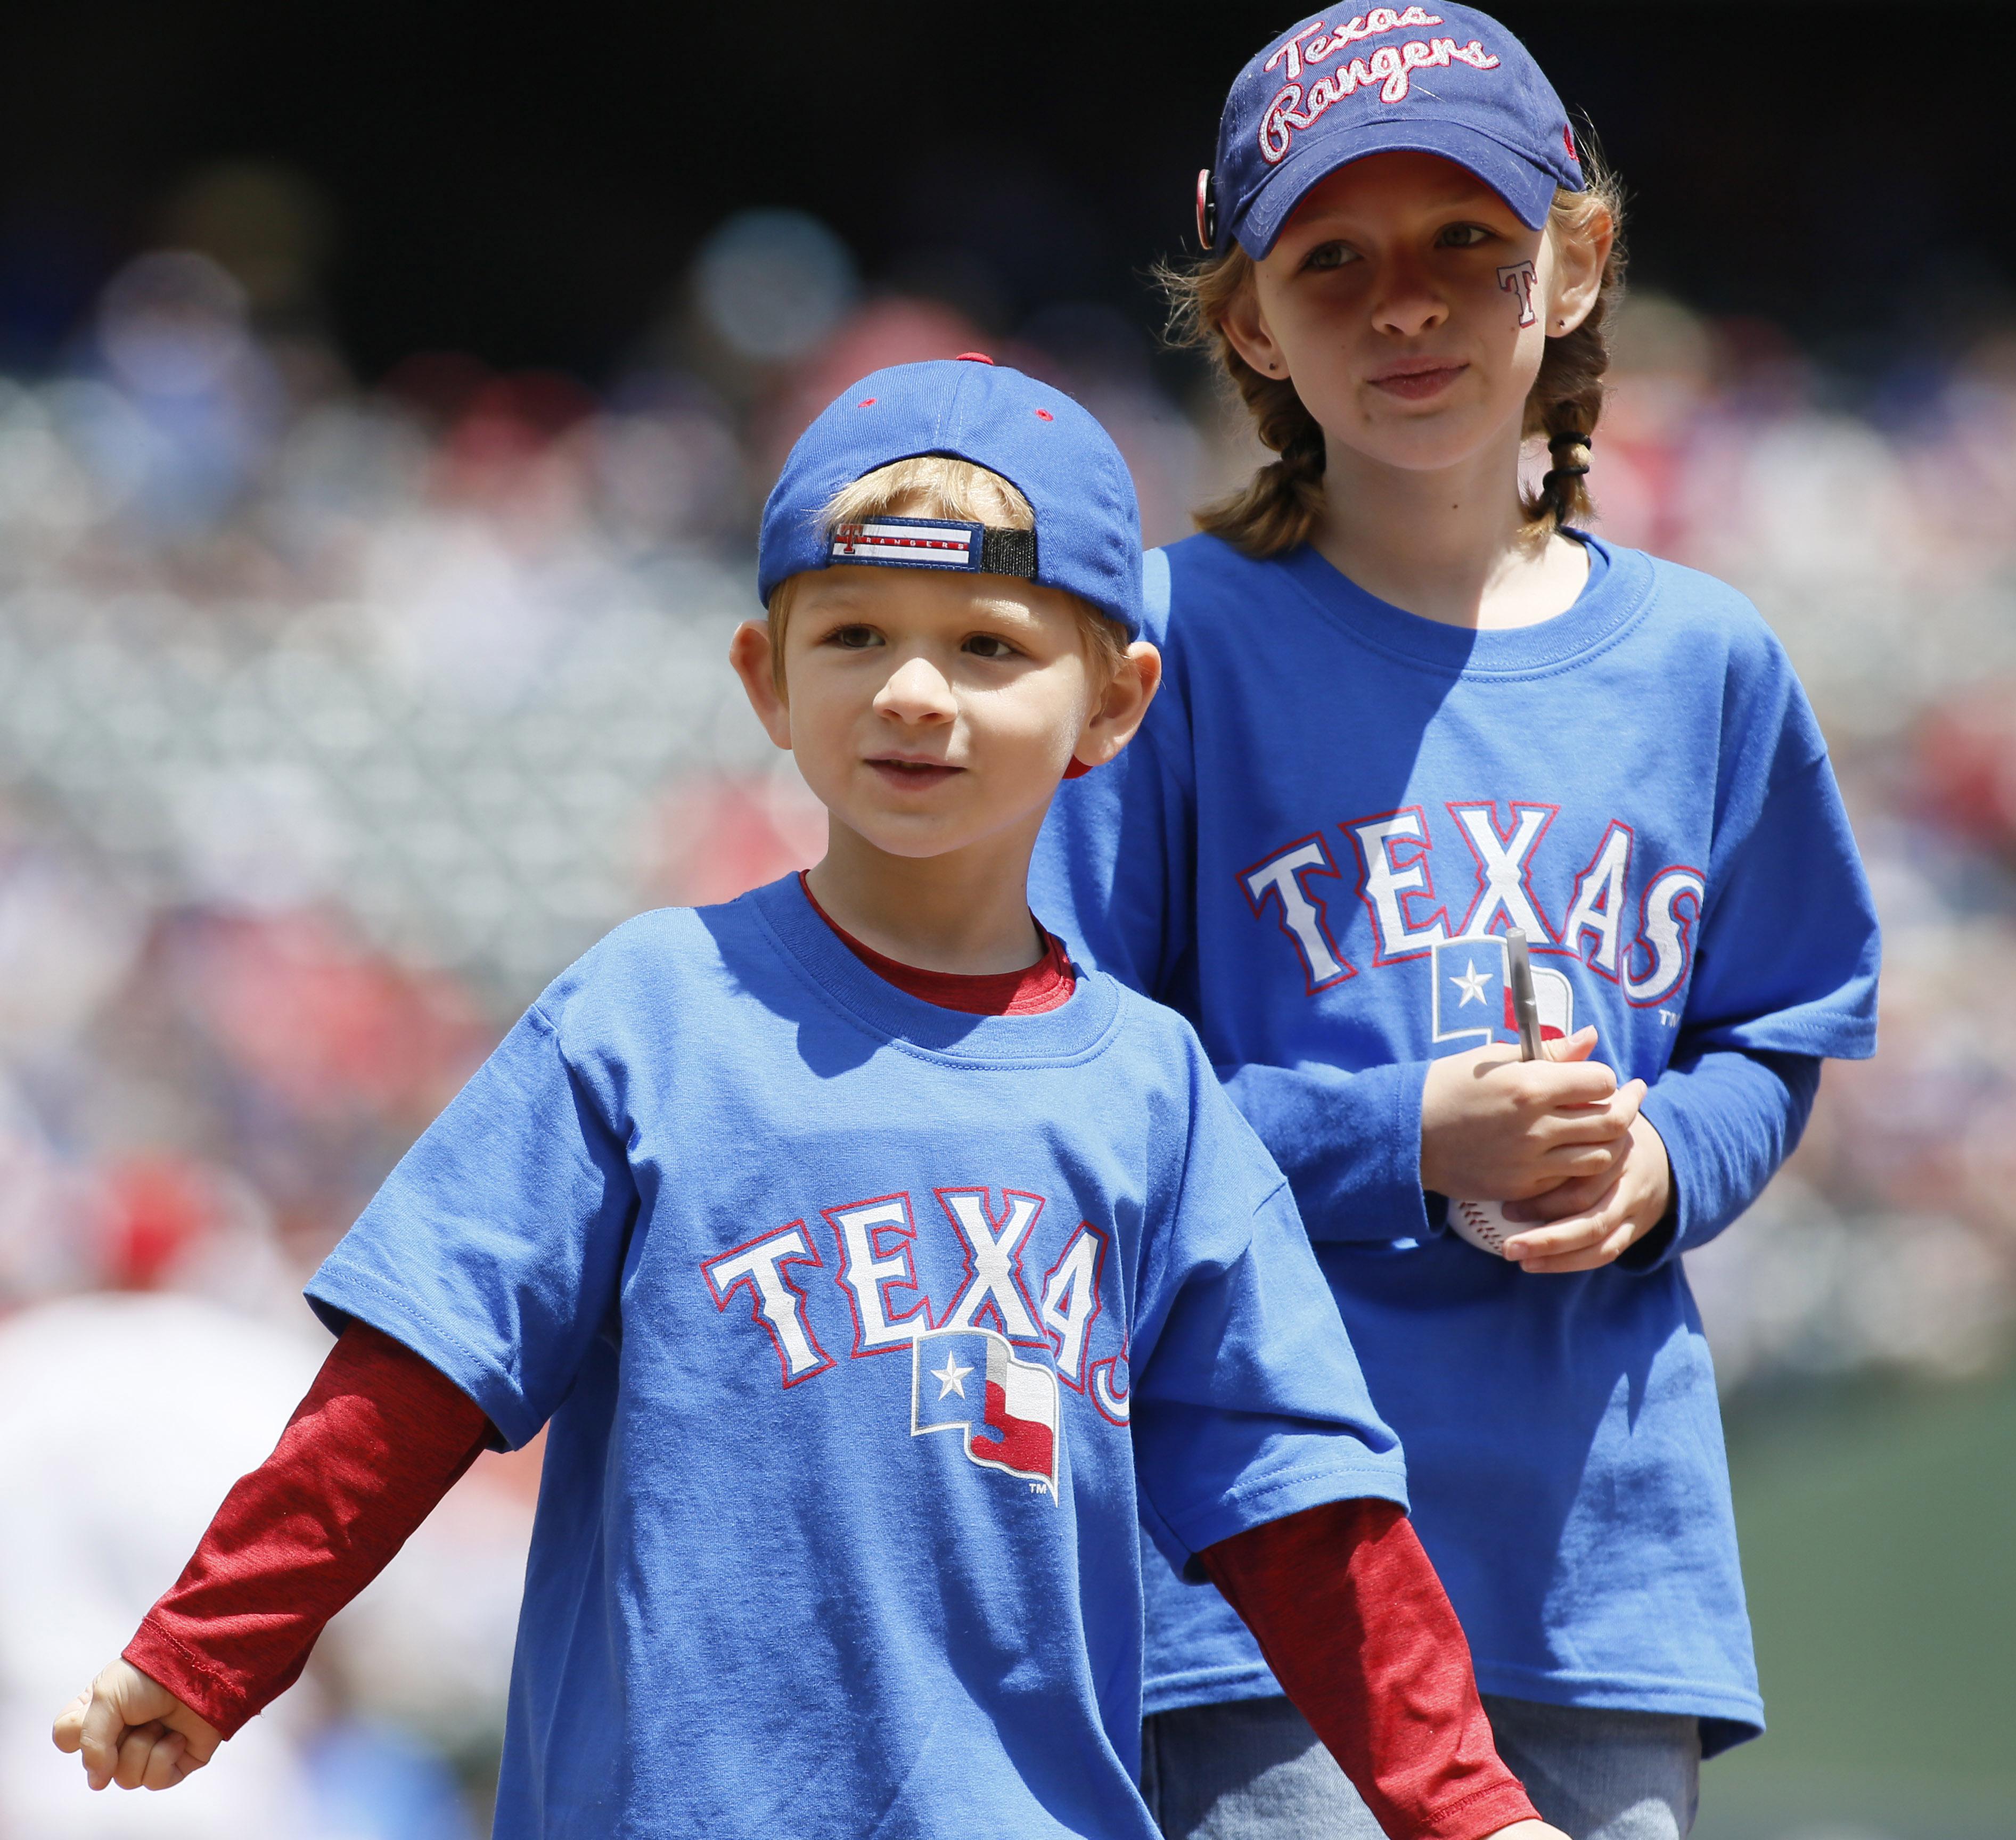 10037963-mlb-los-angeles-angels-at-texas-rangers